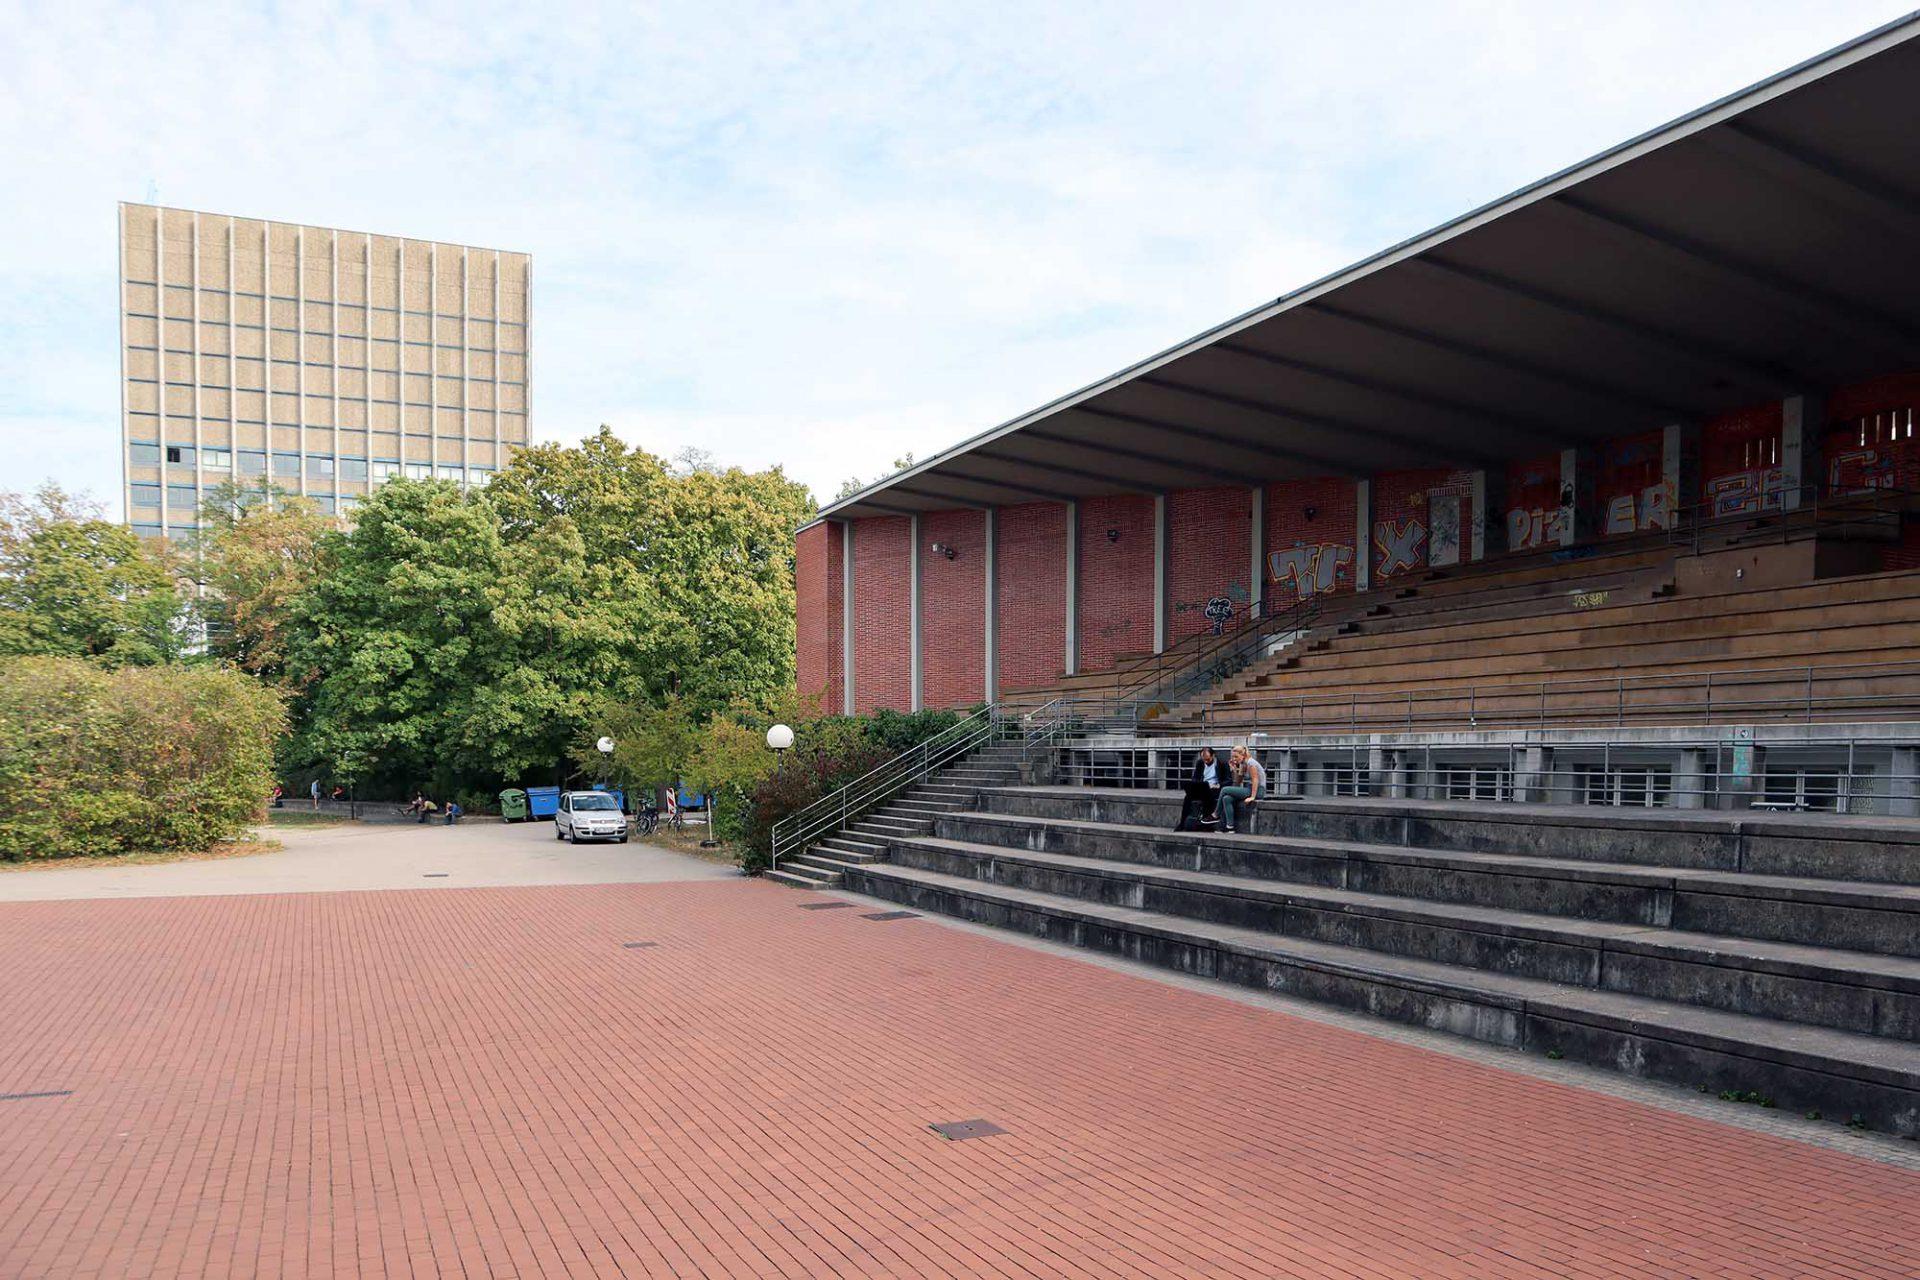 KIT-Bibliothek Süd (li.), Hochschulstadion. Otto und Peter Haupt, 1966. Otto Haupt (1891–1966) war Rektor der TH Karlsruhe Professor und gleichzeitig Direktor der Kunstakademie Karlsruhe.